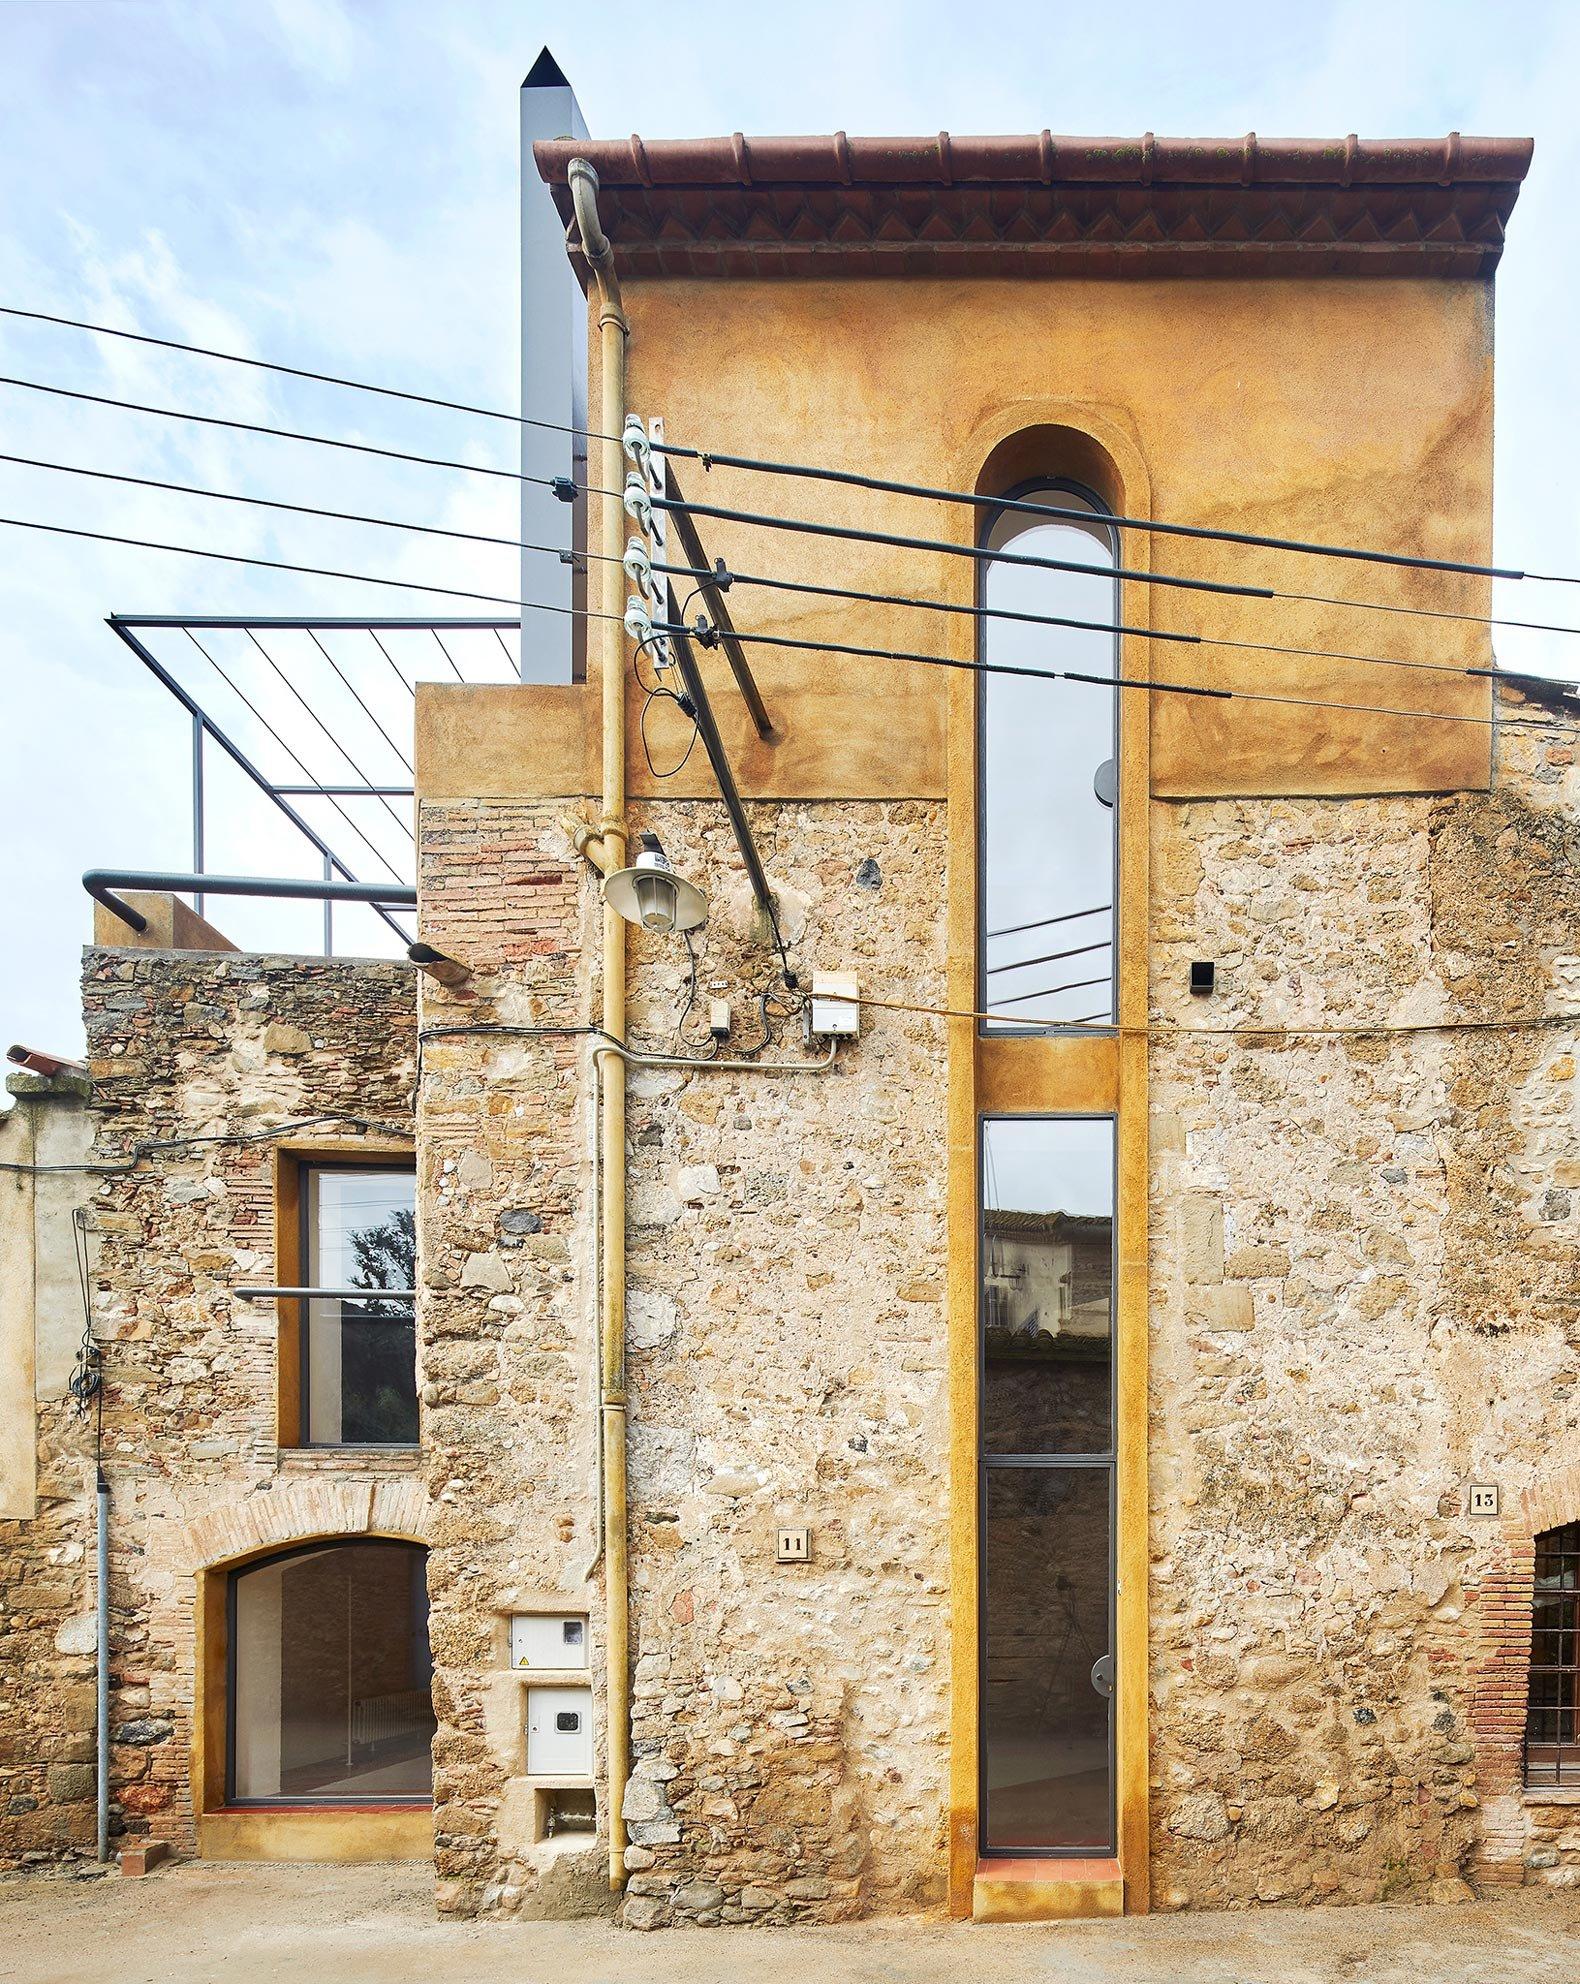 Rehabilitación en una vivienda en La Tallada por Arquitectura-G. Fotografía © José Hevia